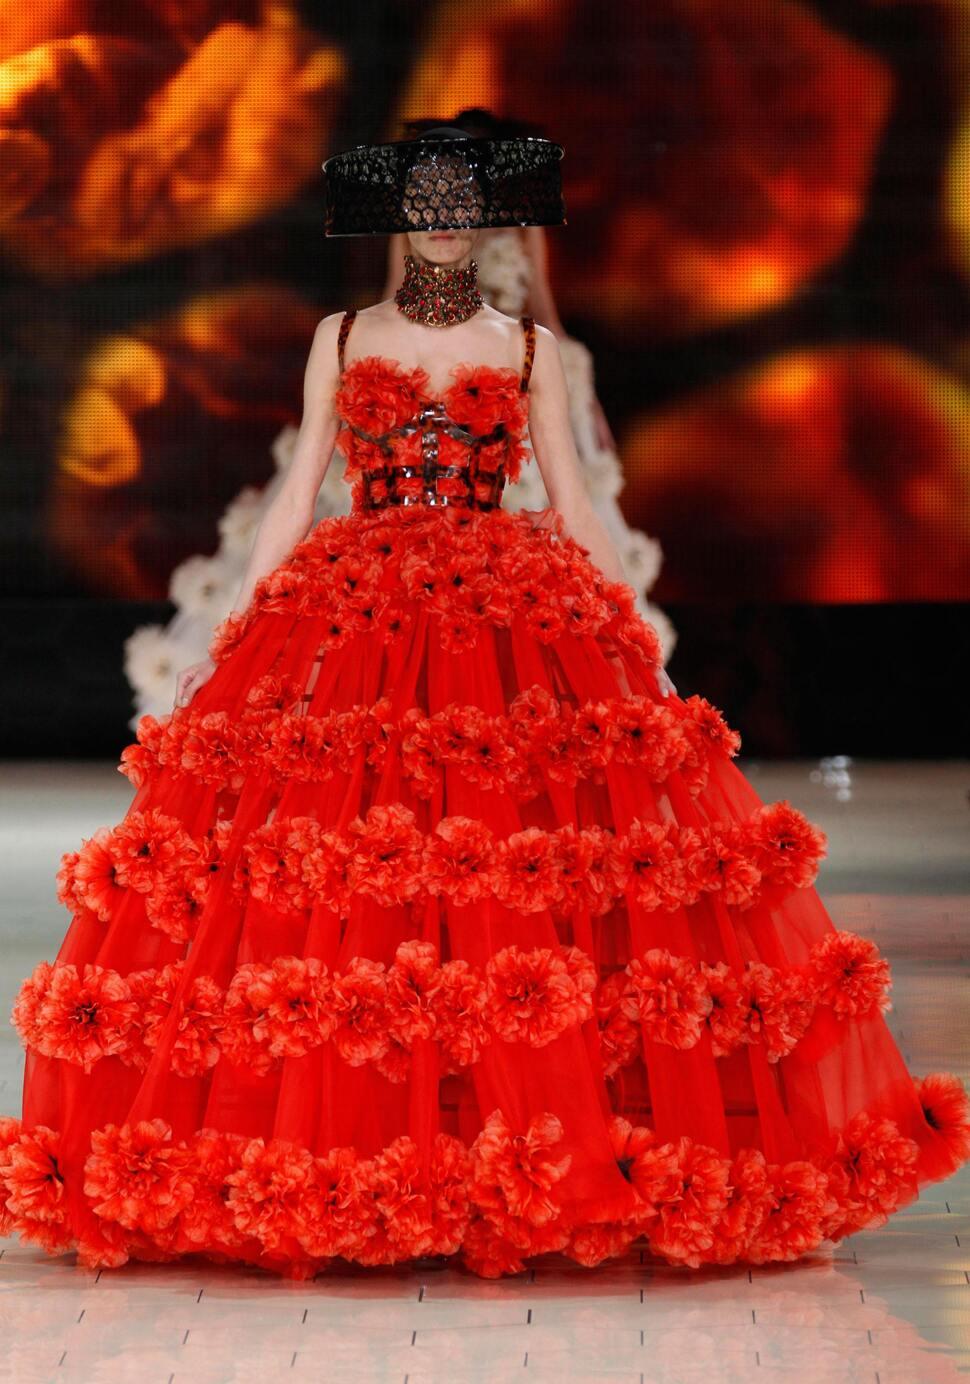 Модный показ Alexander McQueen. Весна / лето 2013